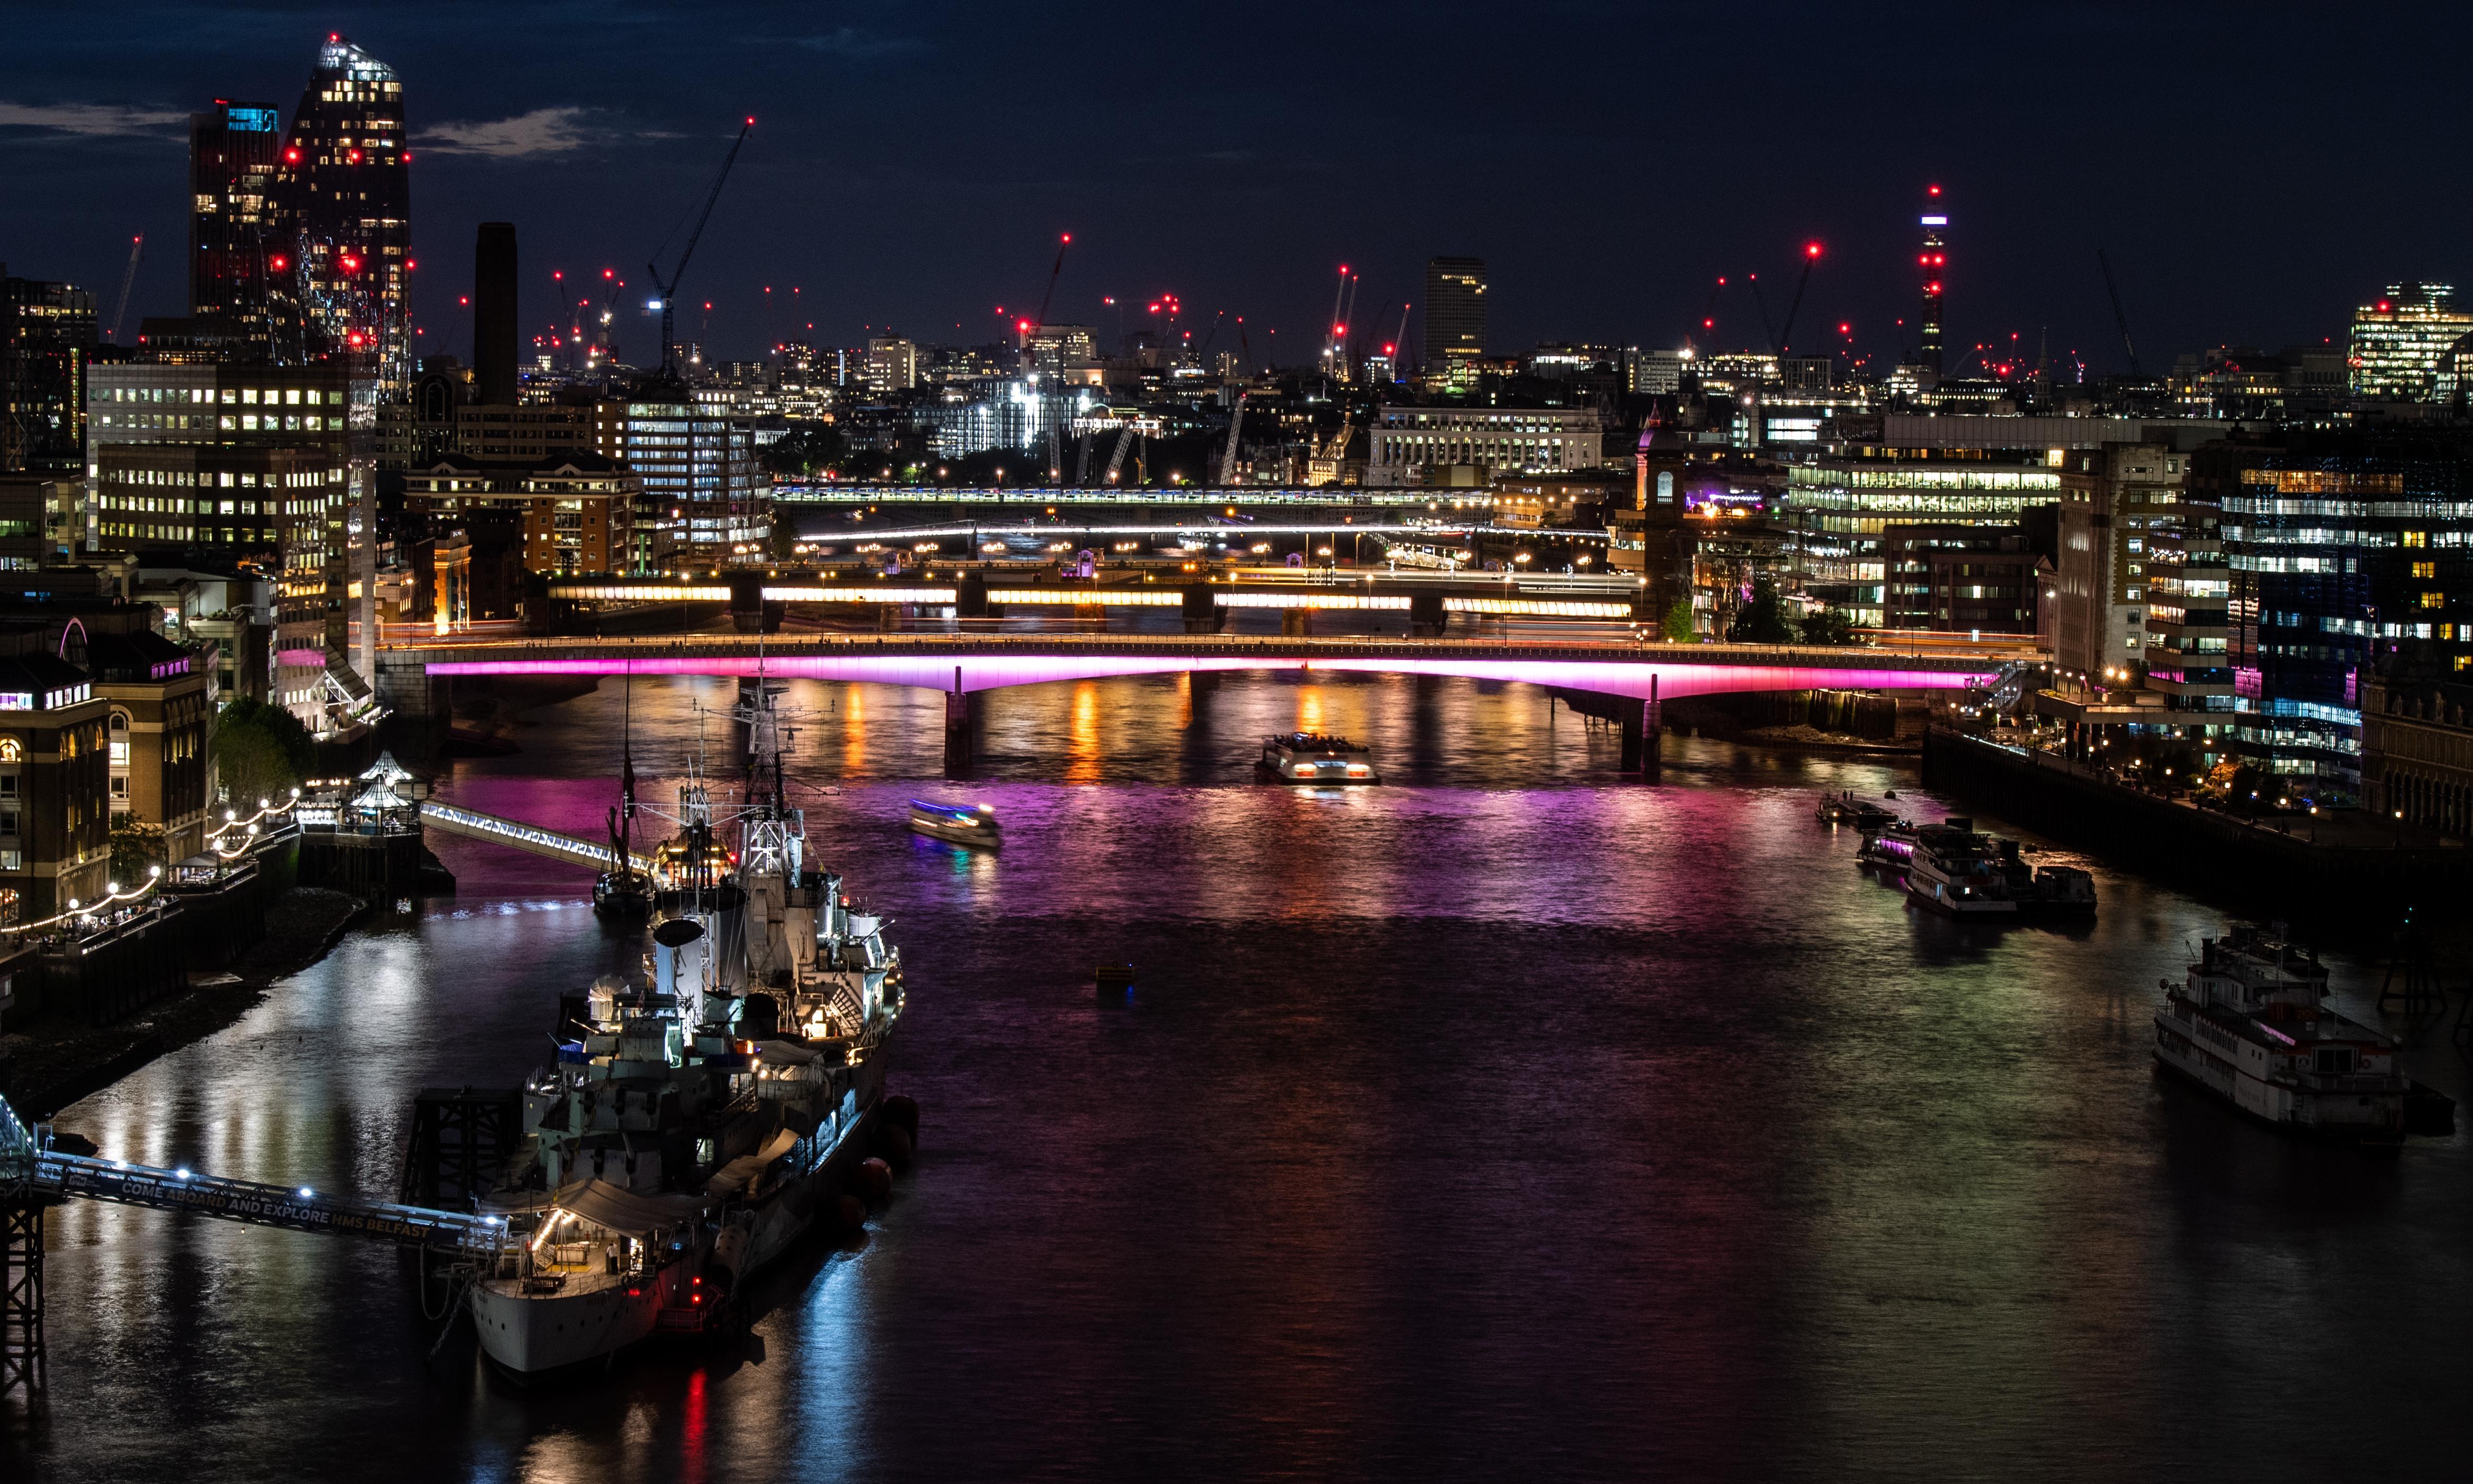 London bridges go LED as part of £45m longest artwork project